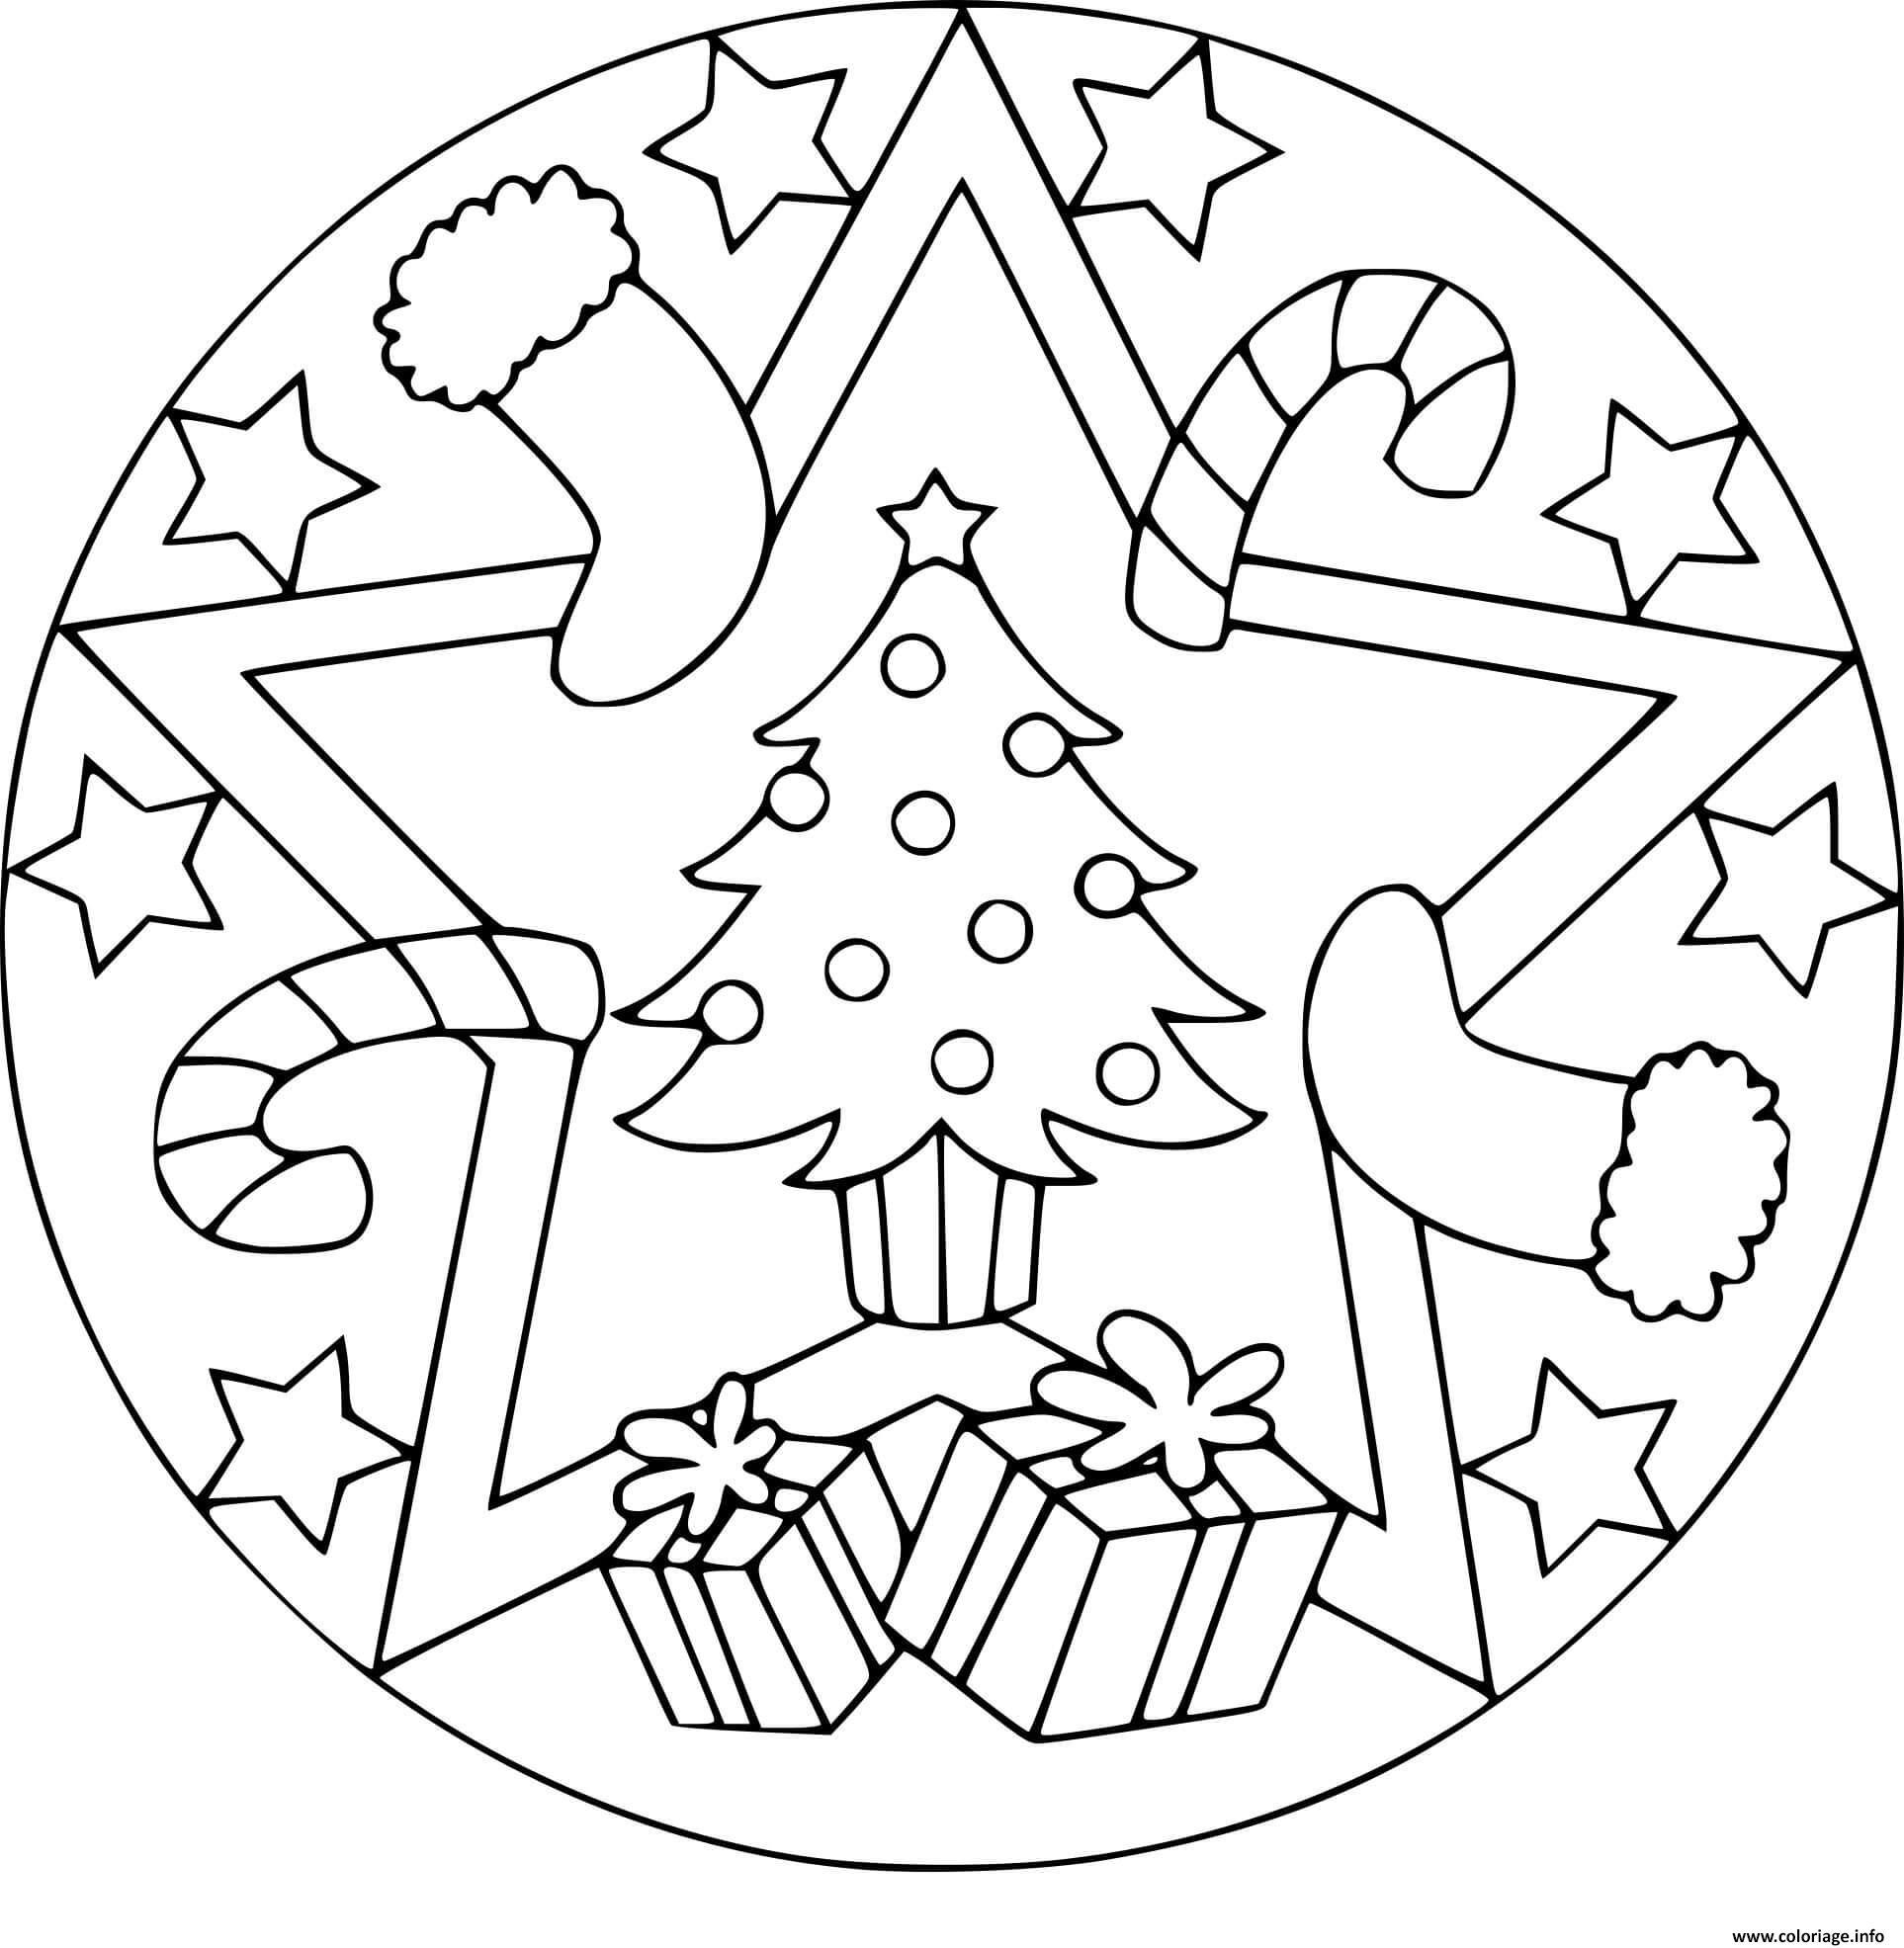 Coloriage mandala noel sapin cadeaux - Sapin avec cadeaux ...